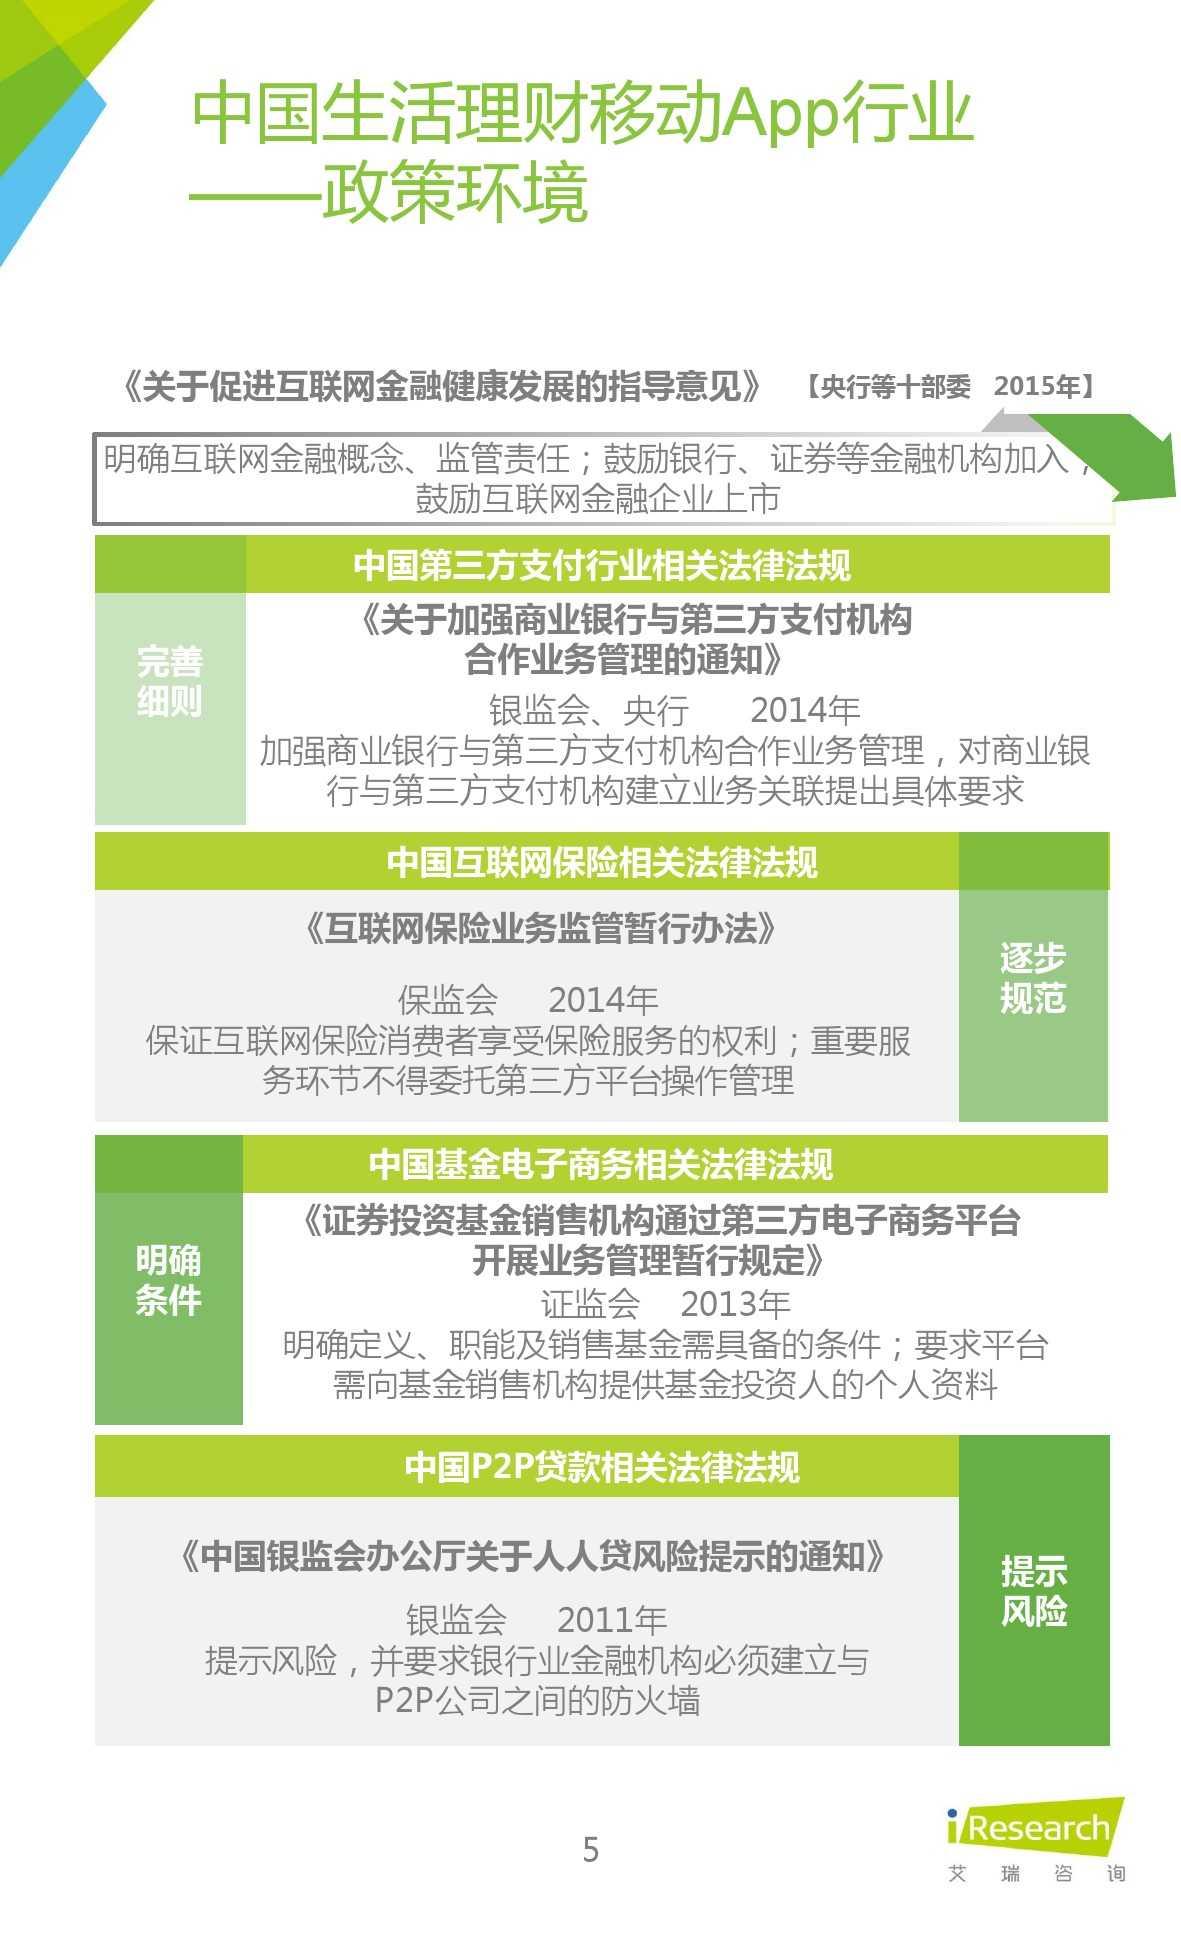 2015年中国生活理财移动App行业研究报告_000005